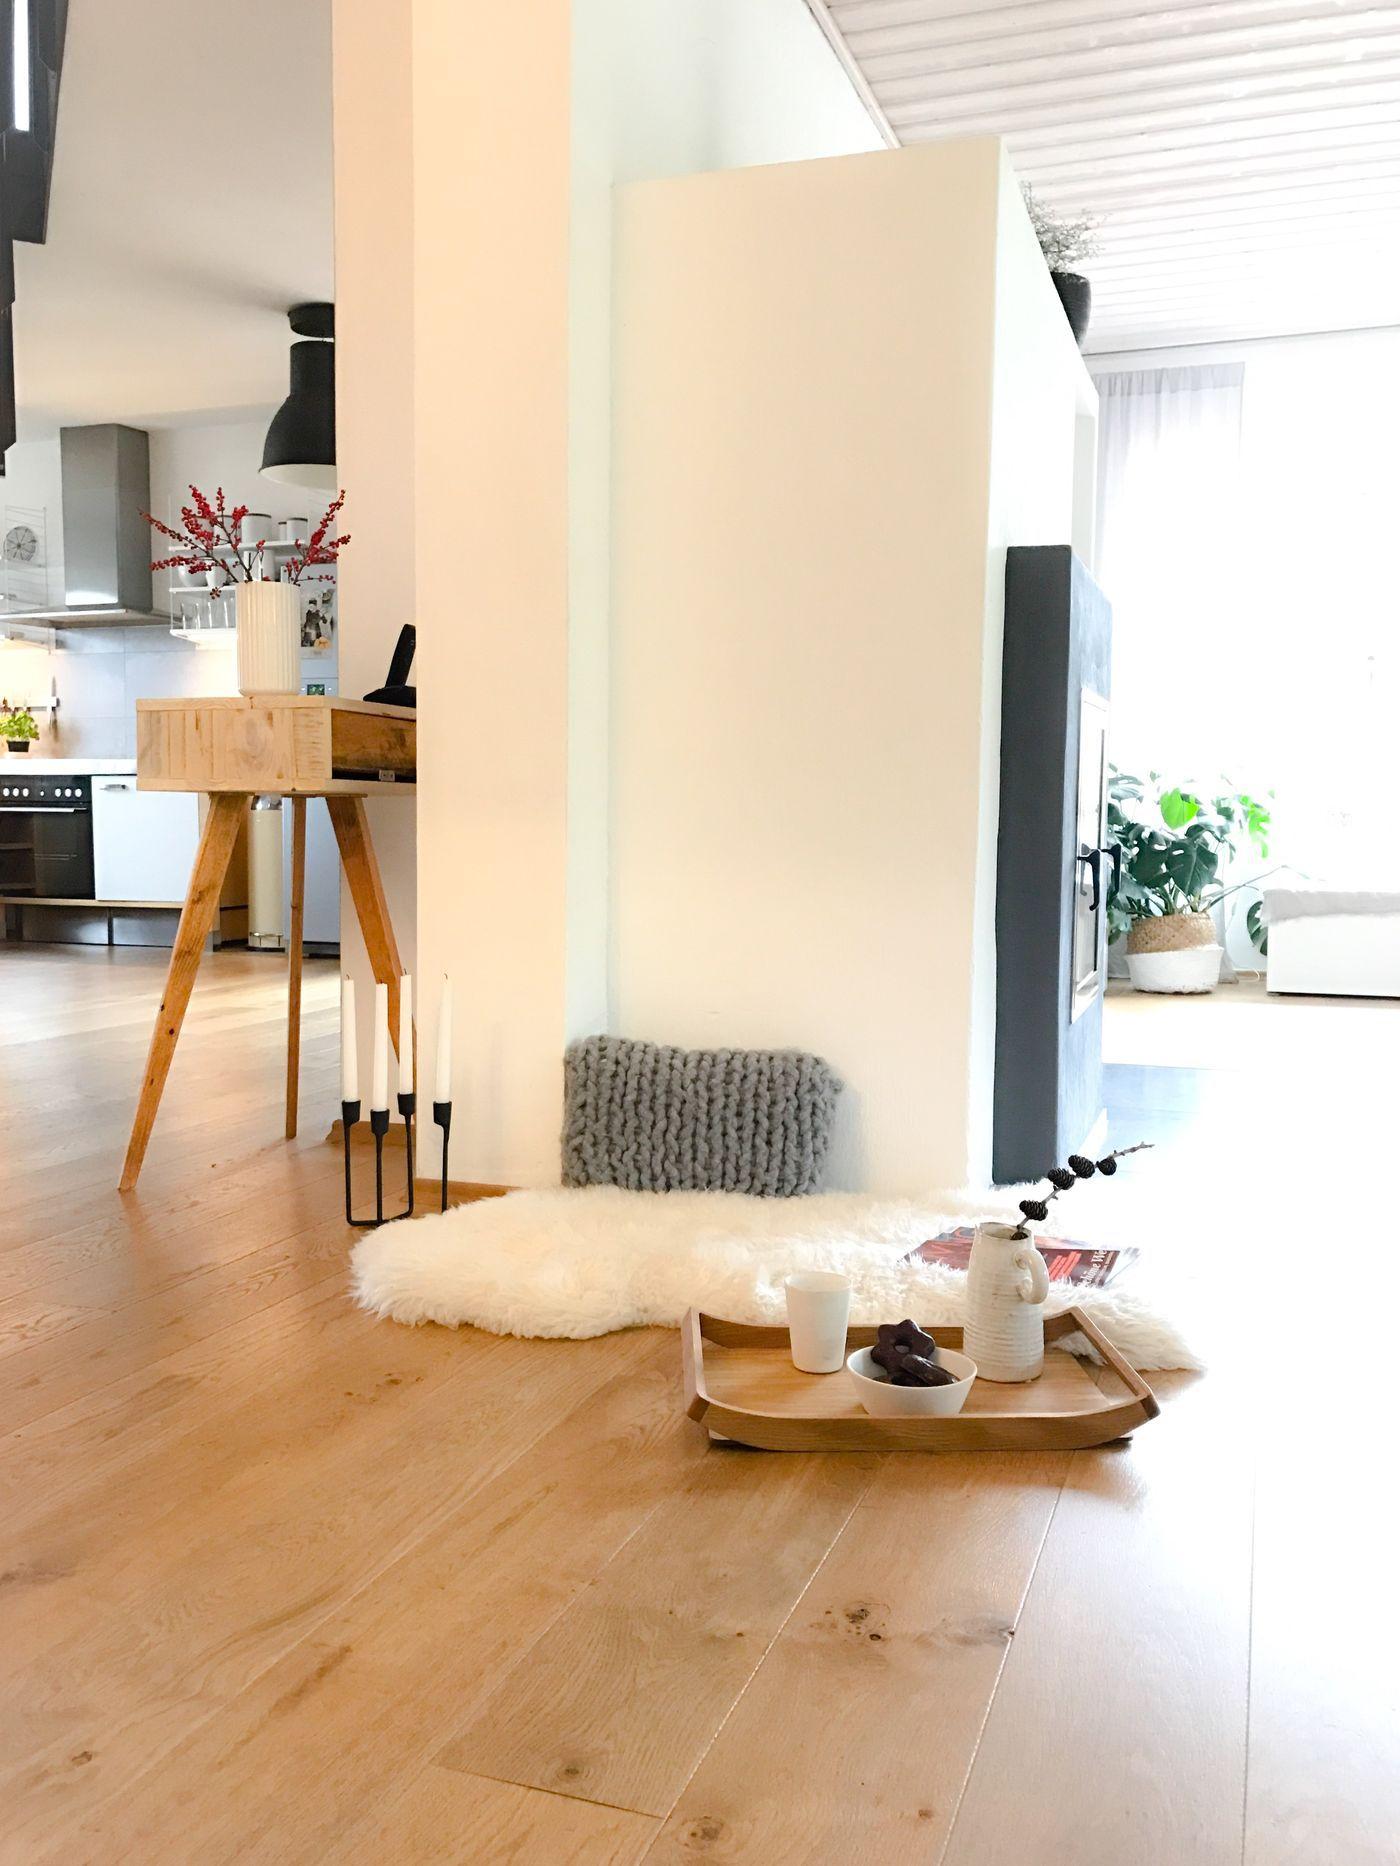 Full Size of Ikea Kchen Tolle Tipps Und Ideen Fr Kchenplanung Led Deckenleuchte Schlafzimmer Alte Fenster Kaufen Billige Küche Bad Unterschränke Bett Weiß Mit Schubladen Wohnzimmer Küche U Form Ikea